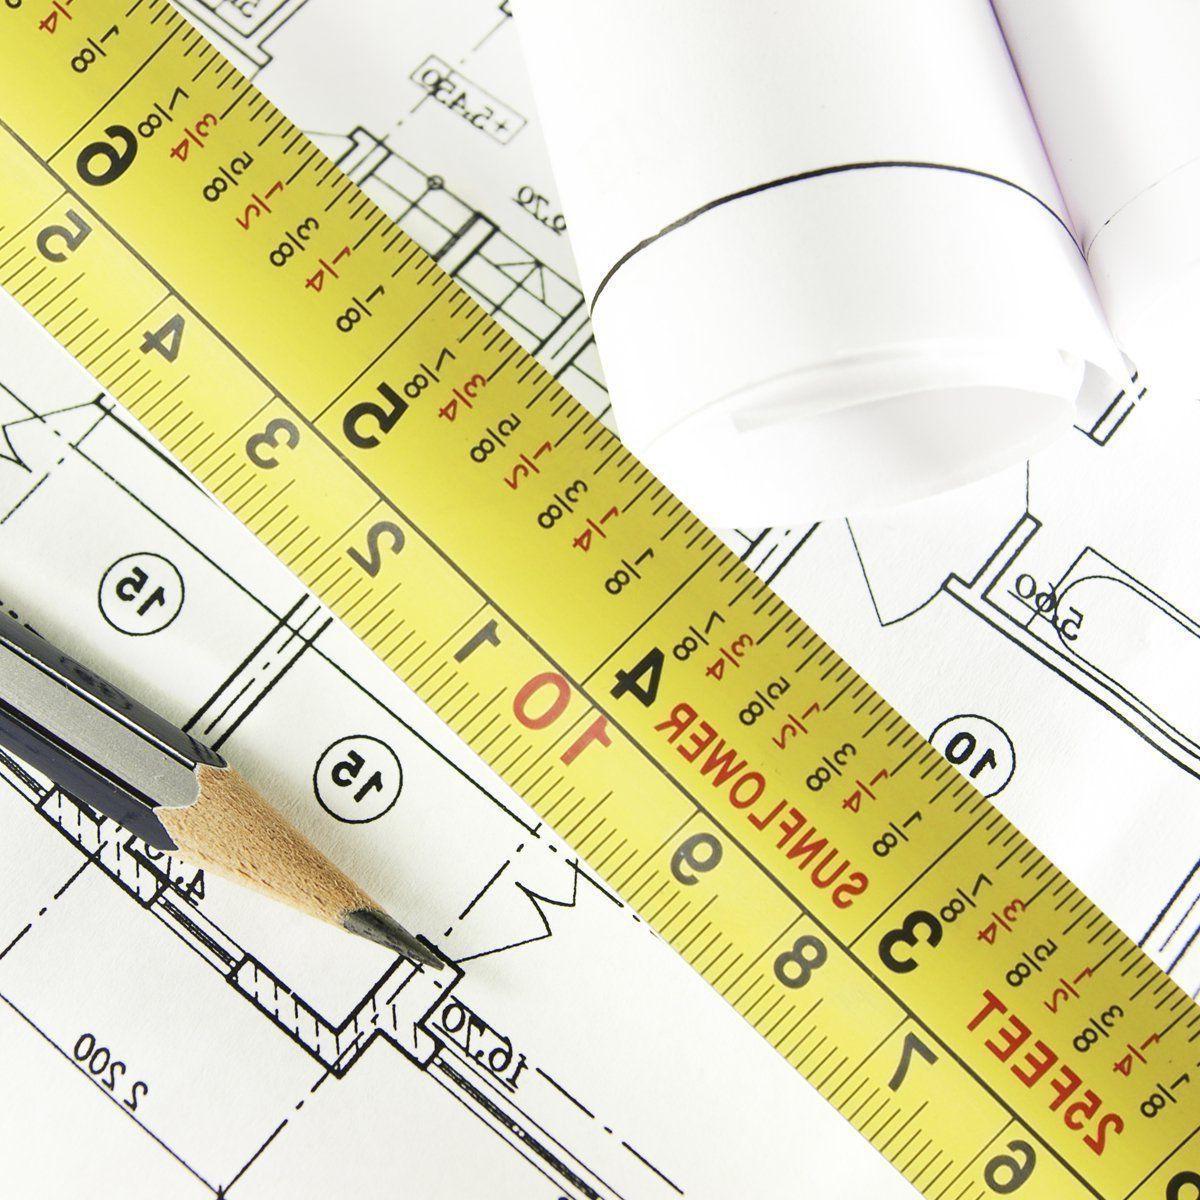 NEW Measuring Tape x 25-Foot Heavy Duty